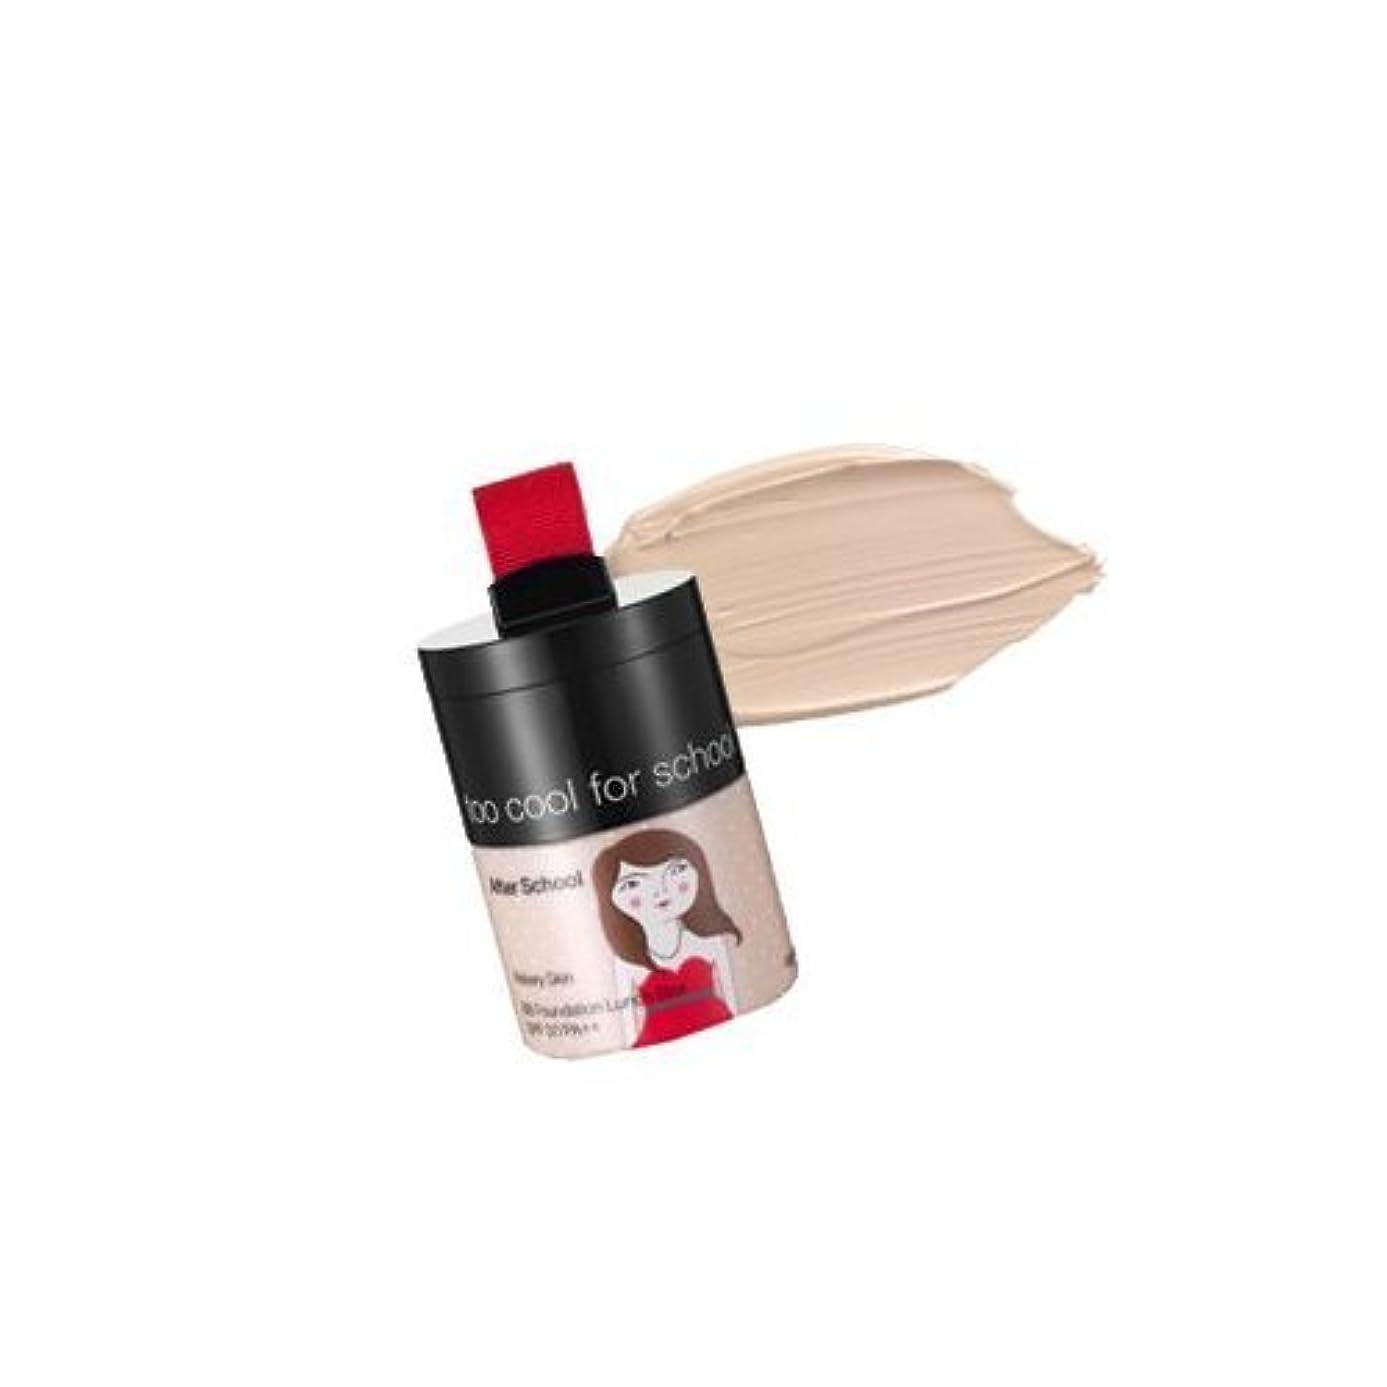 ポータル魔女ラフトTOO COOL FOR SCHOOL After School BB Foundation Lunch Box 01 Matte Skin (並行輸入品)